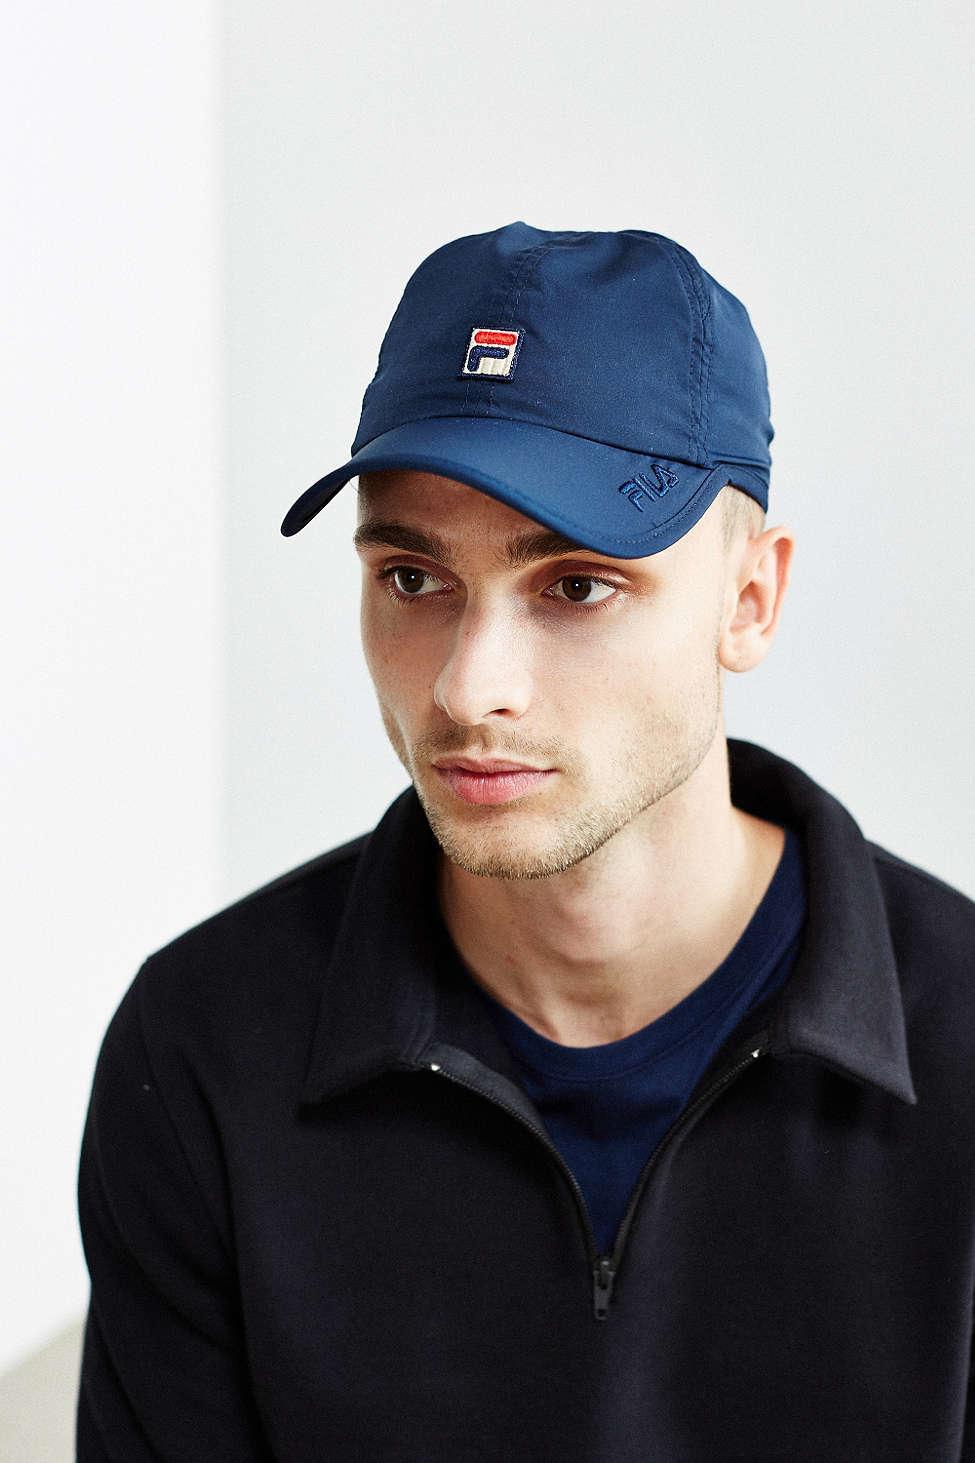 Lyst - Fila Runner Baseball Hat in Blue for Men ca46195f4524